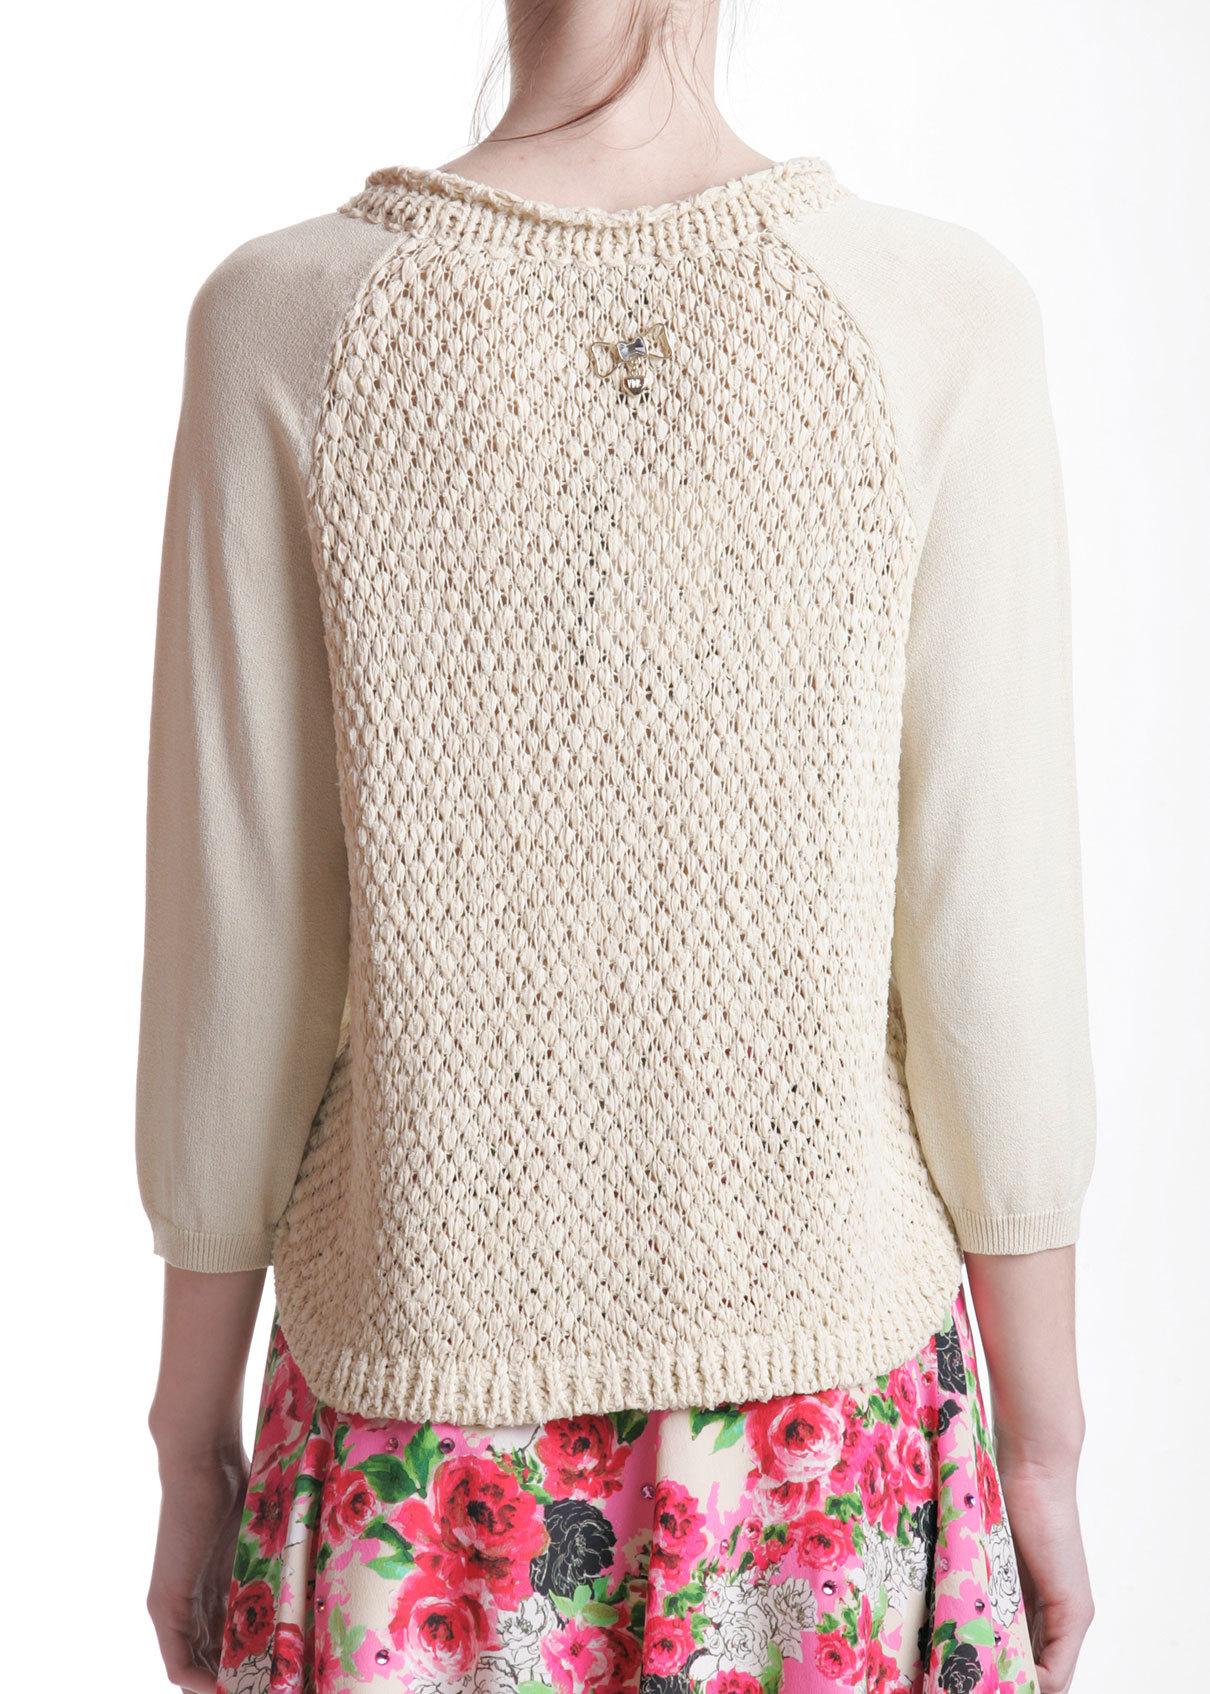 Женская одежда весна лето с доставкой